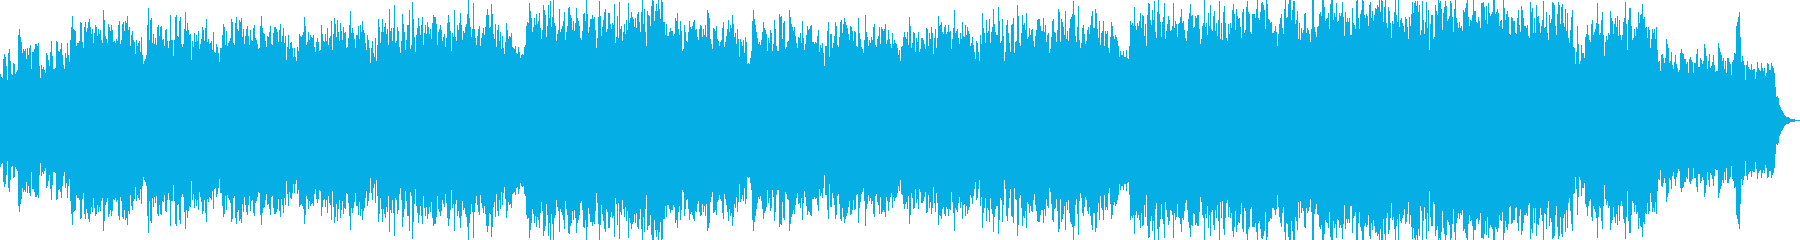 ポールモーリア風チェンバロとストリングスの再生済みの波形